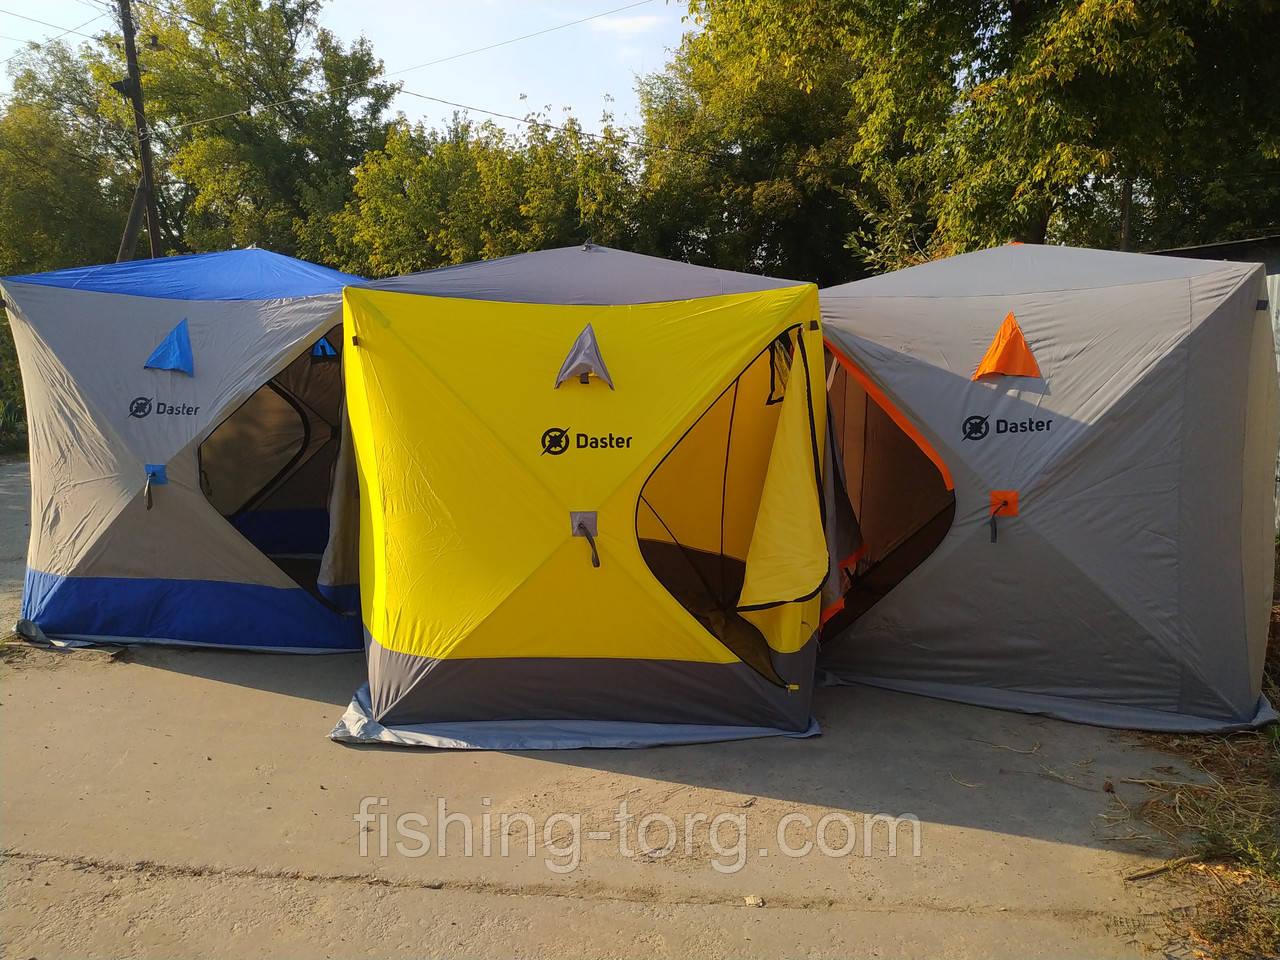 Палатка зимняя КУБ тип ATLANT 180 180 205 см универсальная без дна со сьемными силиконовыми окнами цвет жолто-